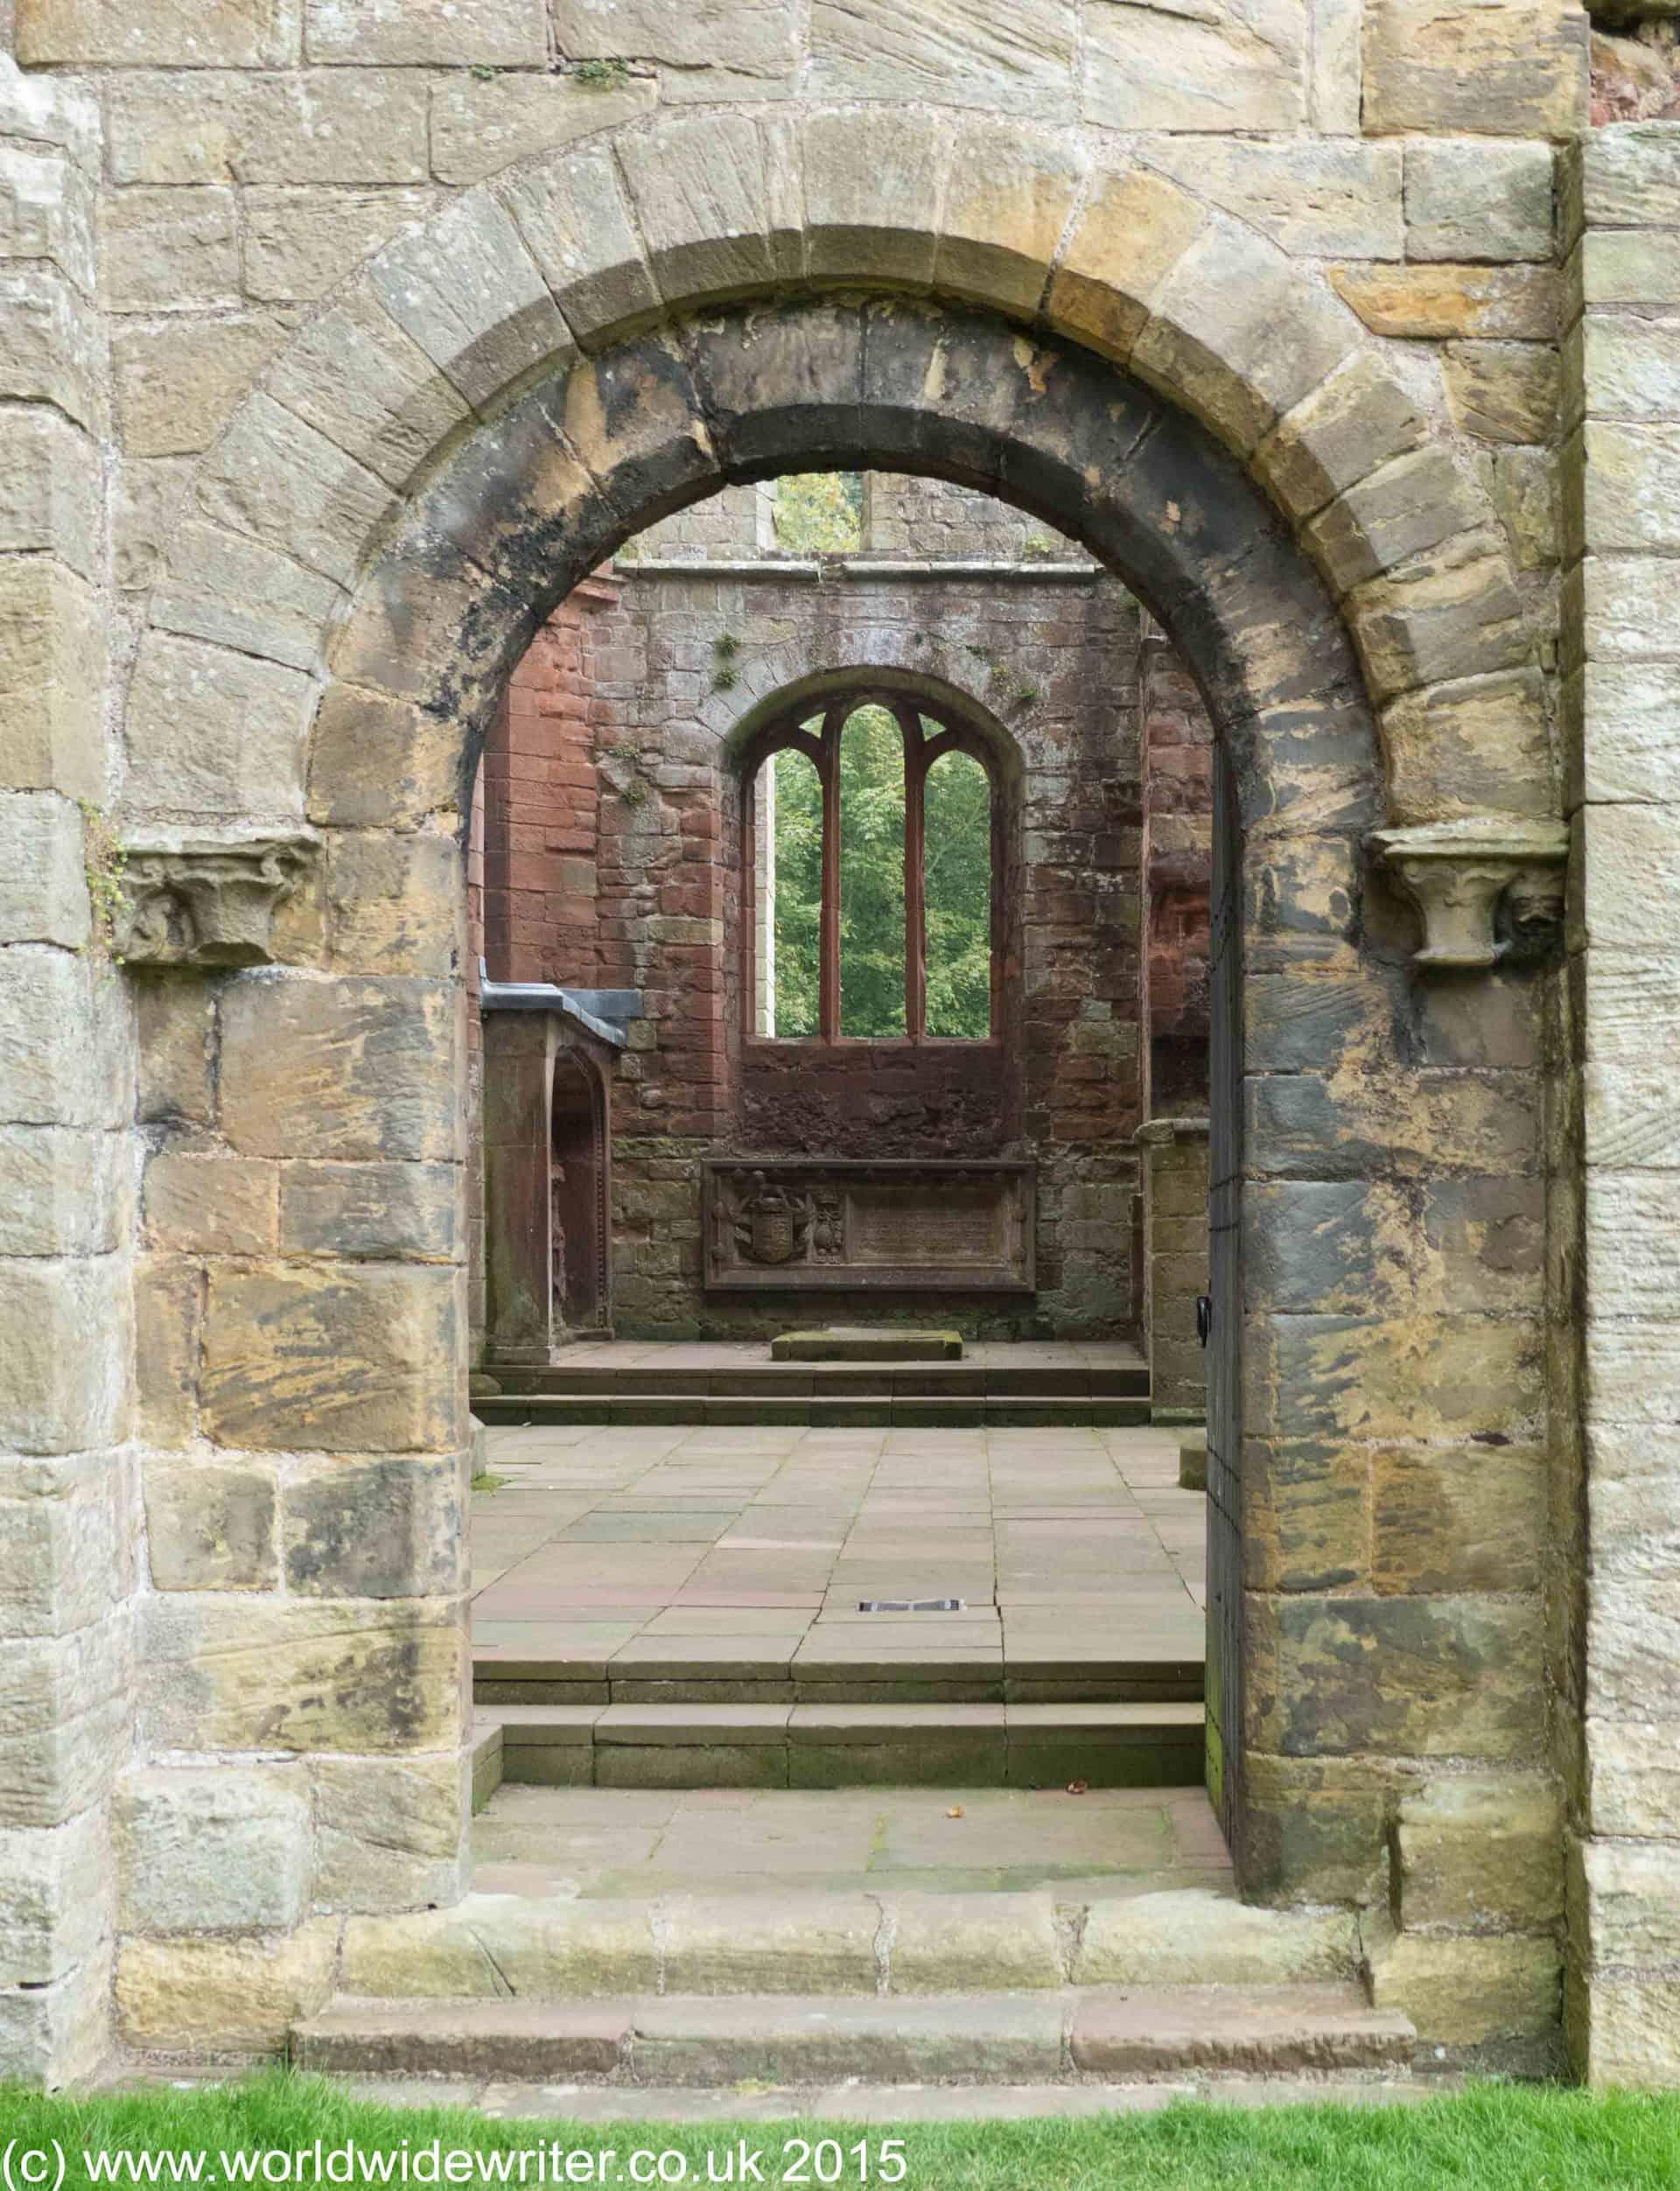 Ruins of Lanercost Priory, Northumberland - www.worldwidewriter.co.uk